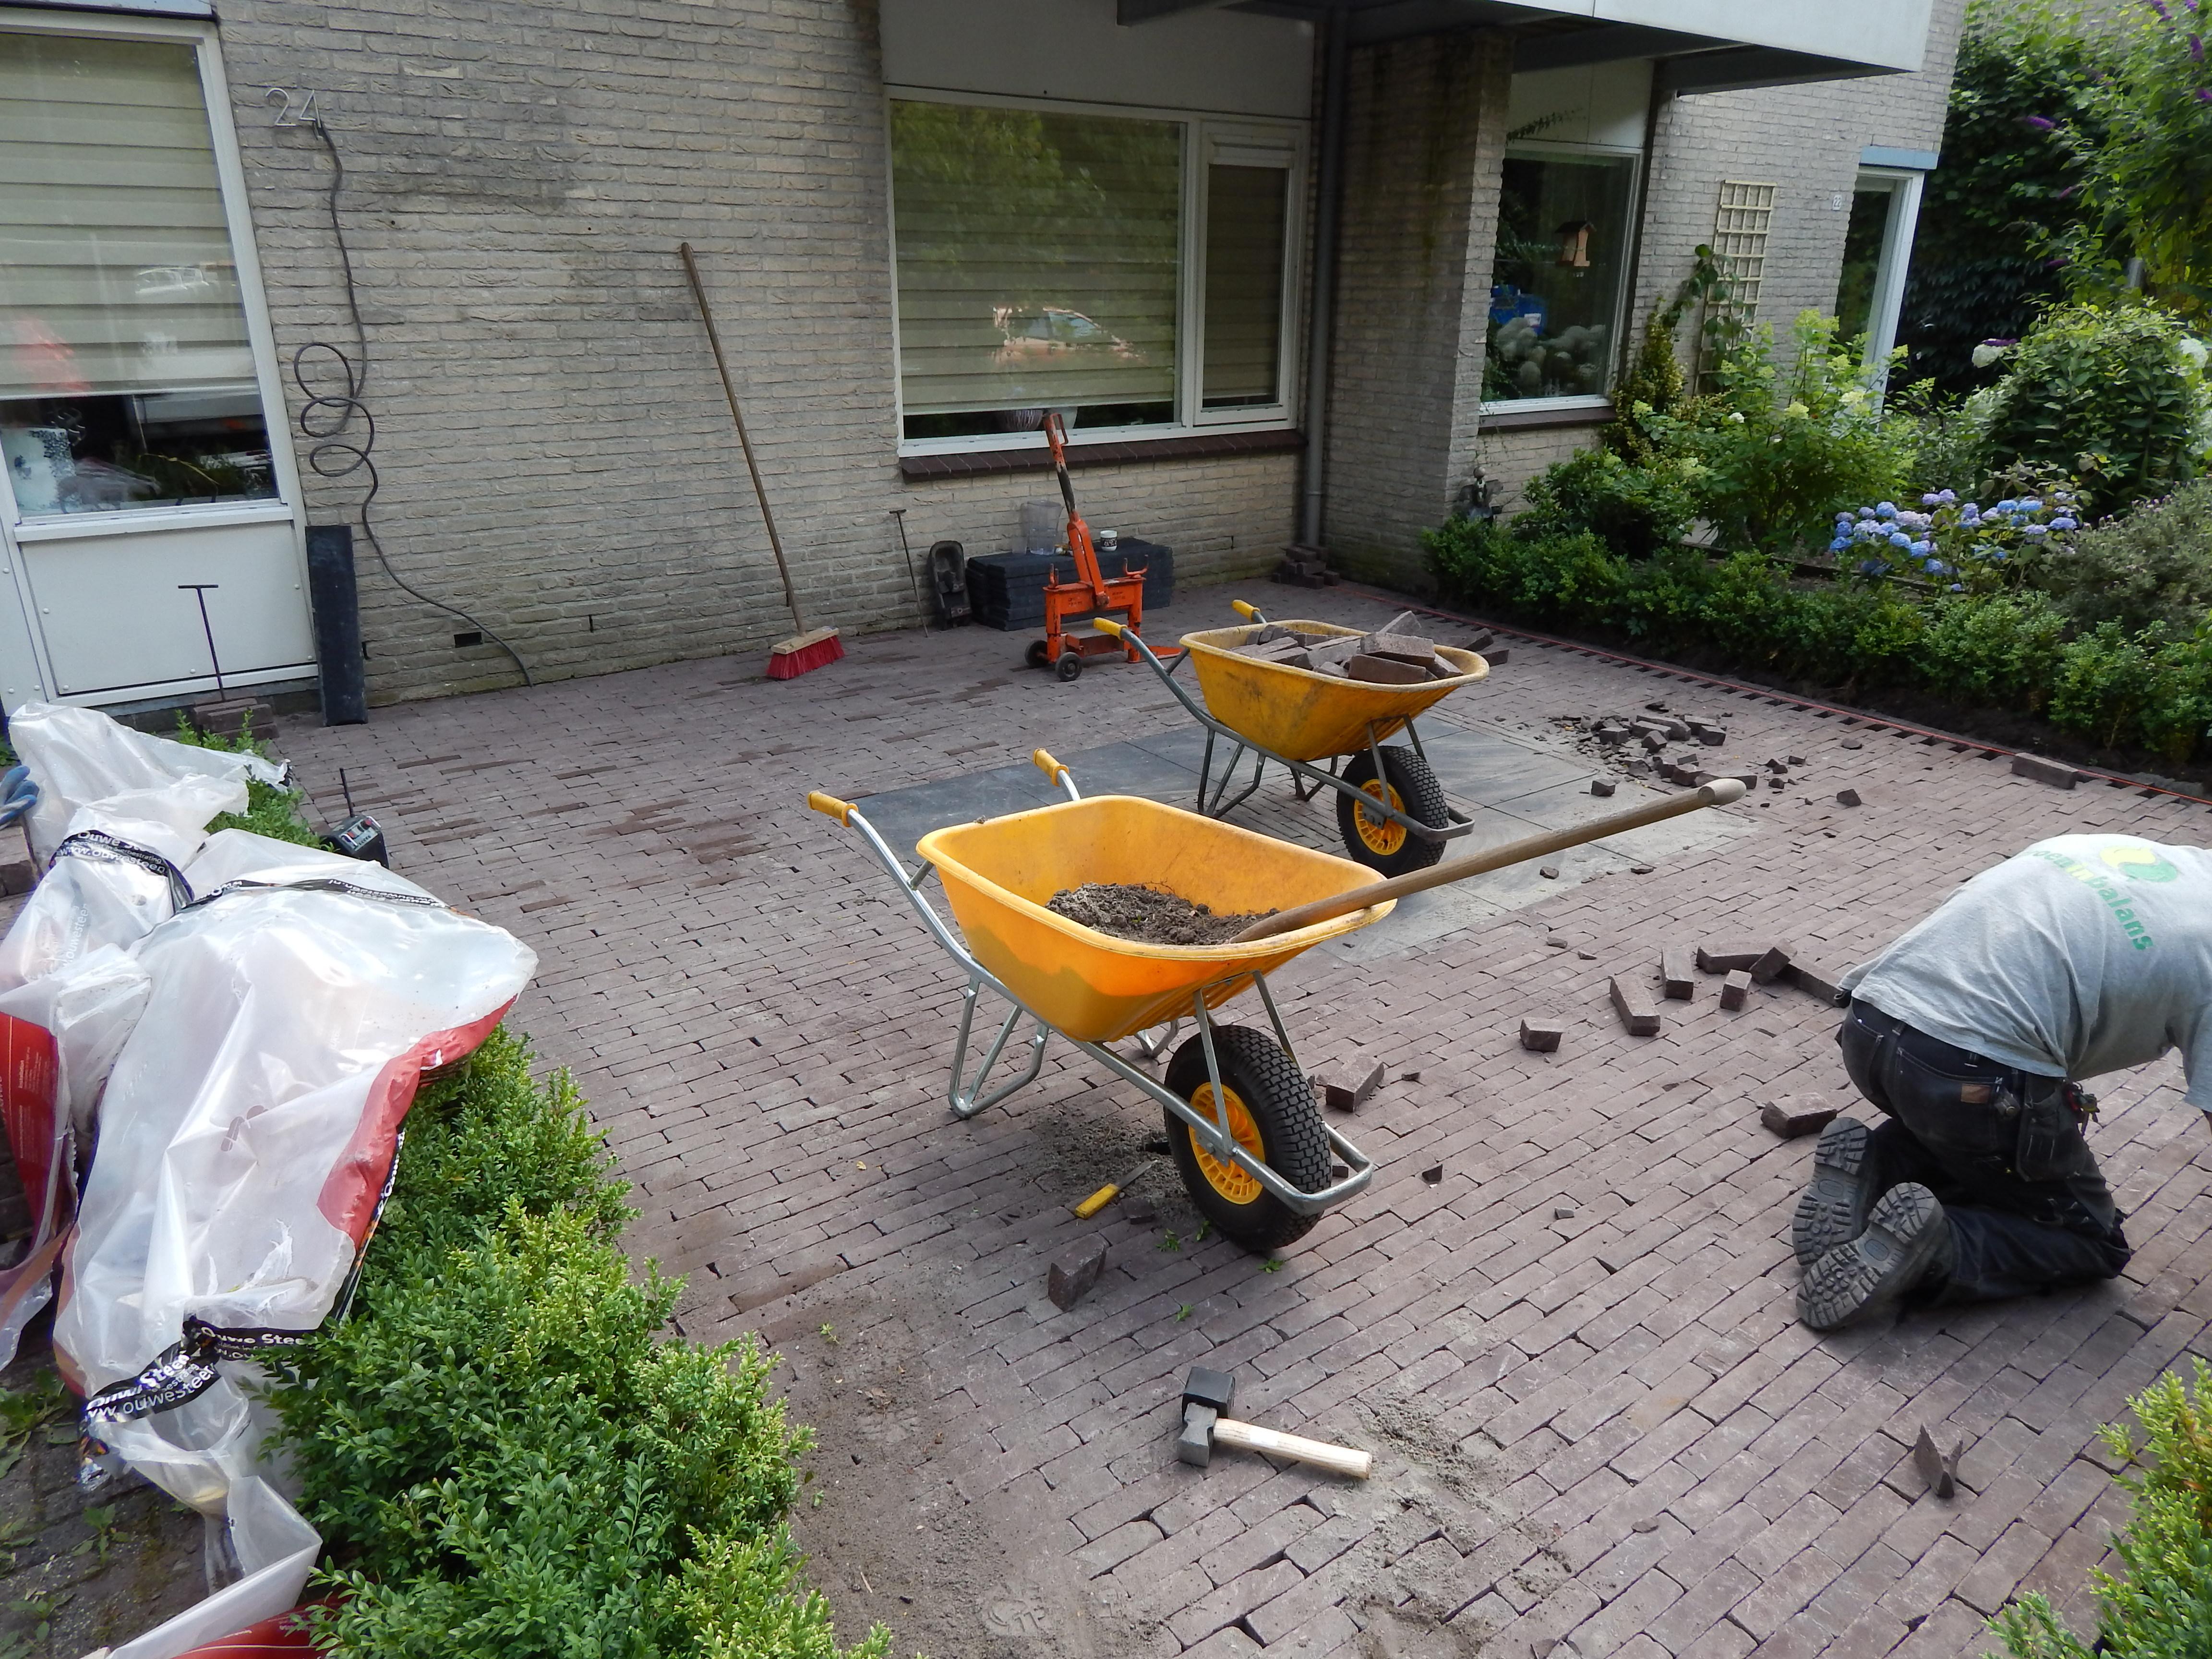 Goedkoop Tuin Aanleggen : Tuin bestraten perfect tuin bestraten goedkoop uniek goedkoop